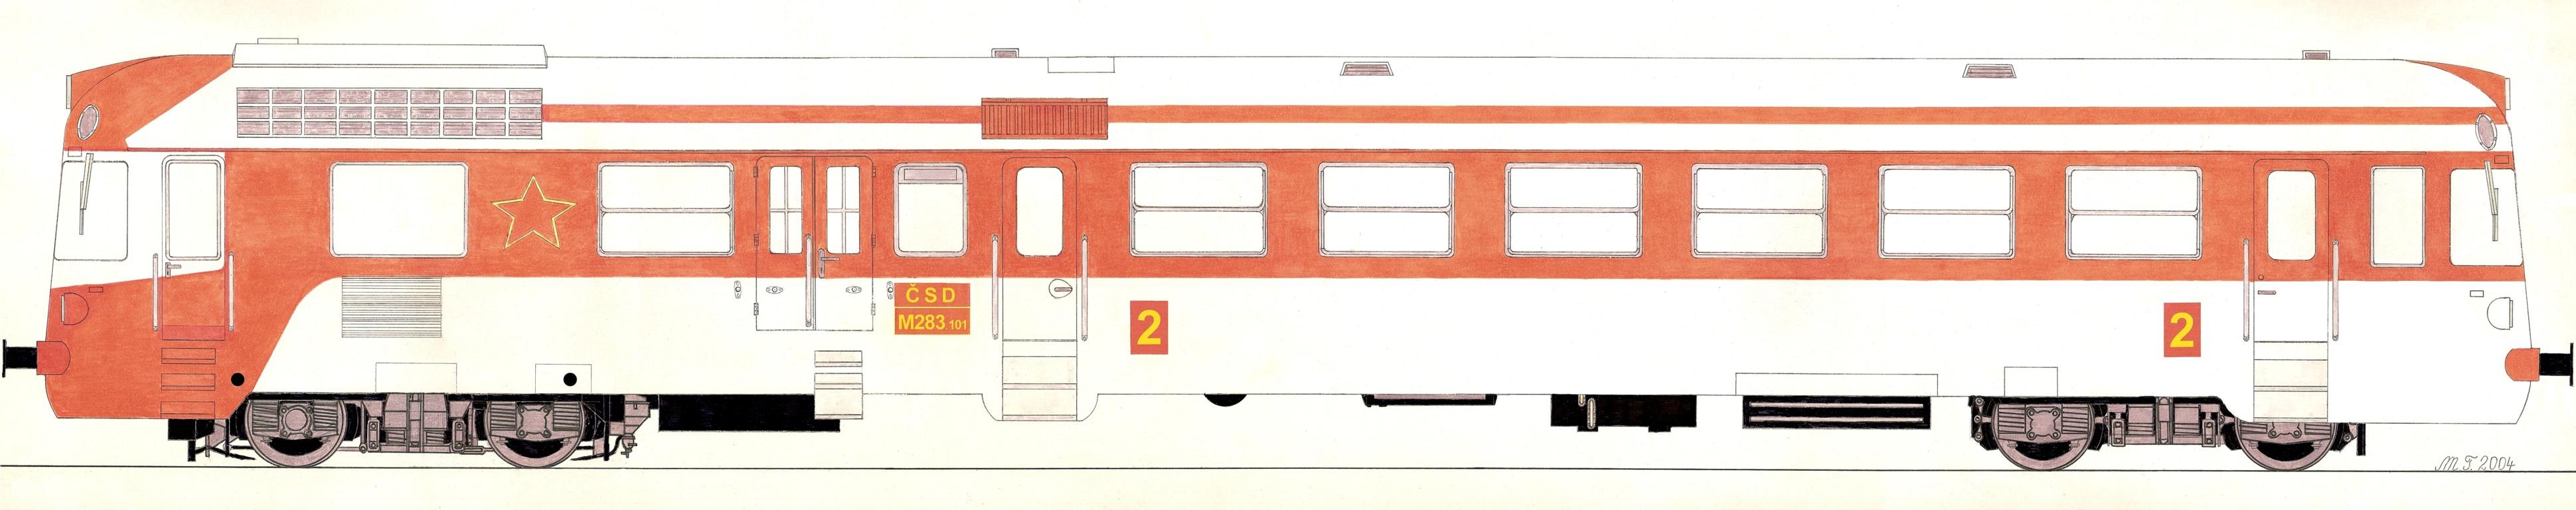 http://www.prototypy.cz/rady/850/obr/850001milomart.jpg